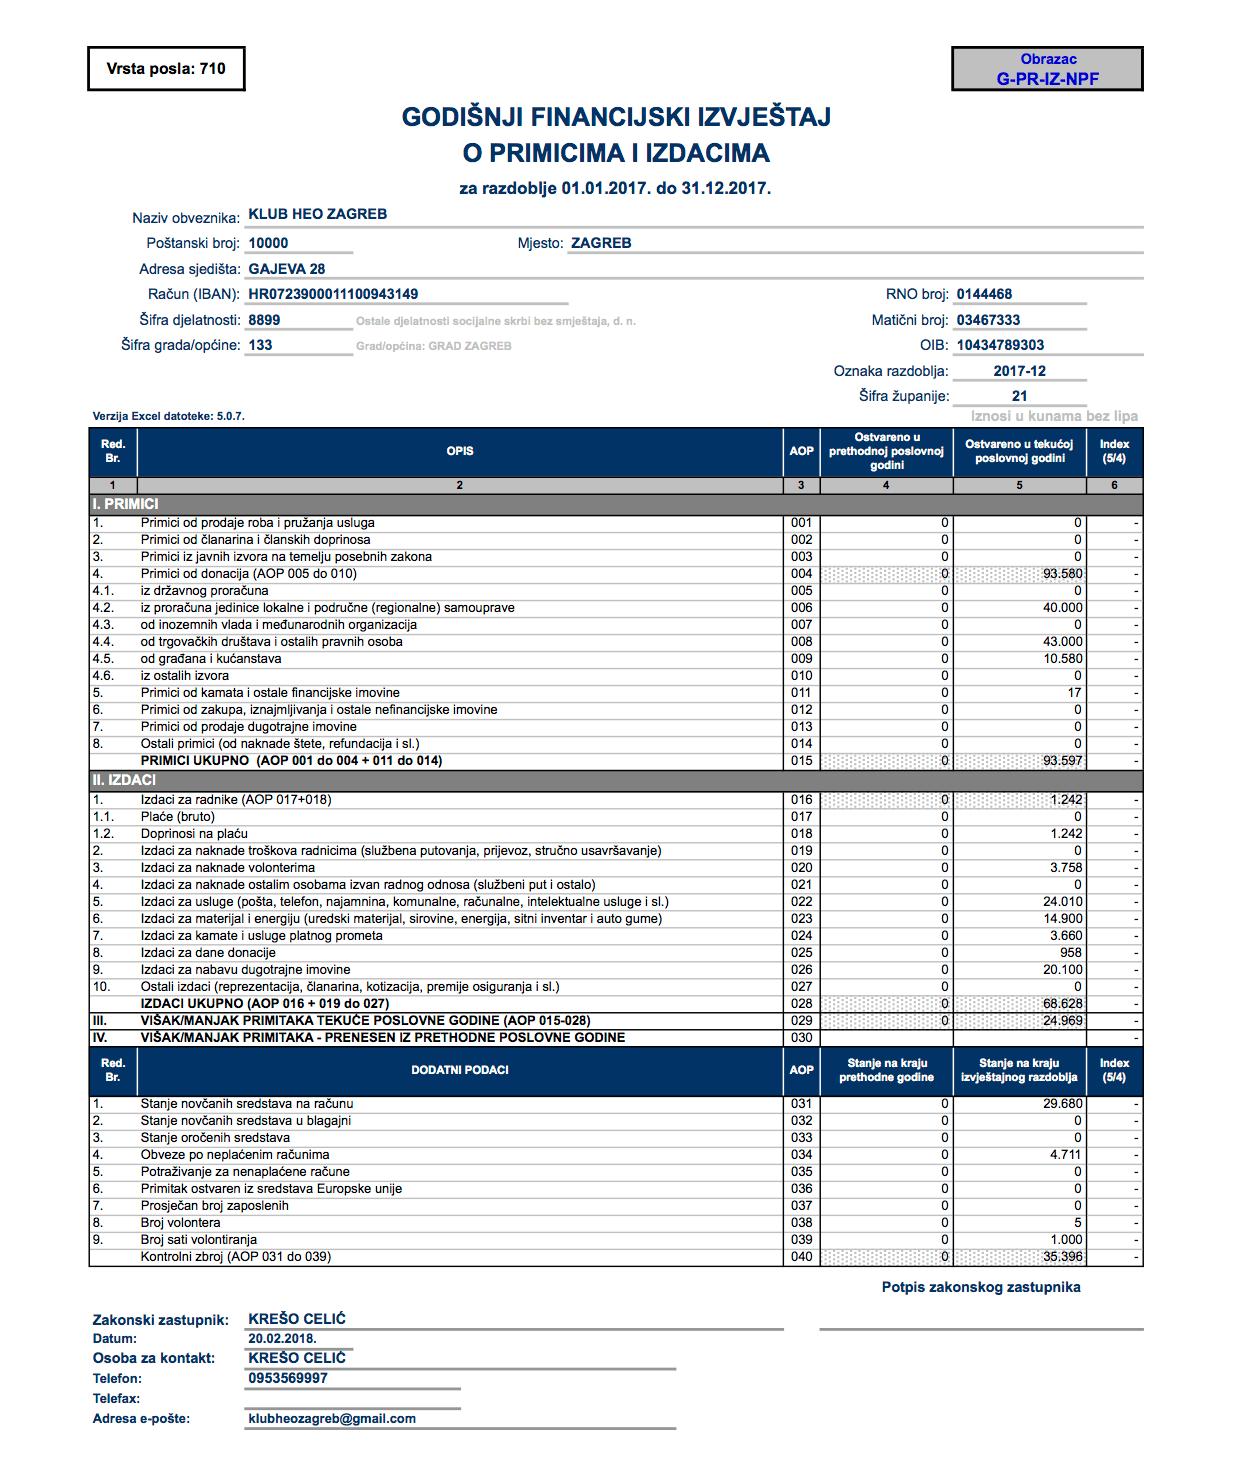 Financijski izvjestaj za 2017. godinu